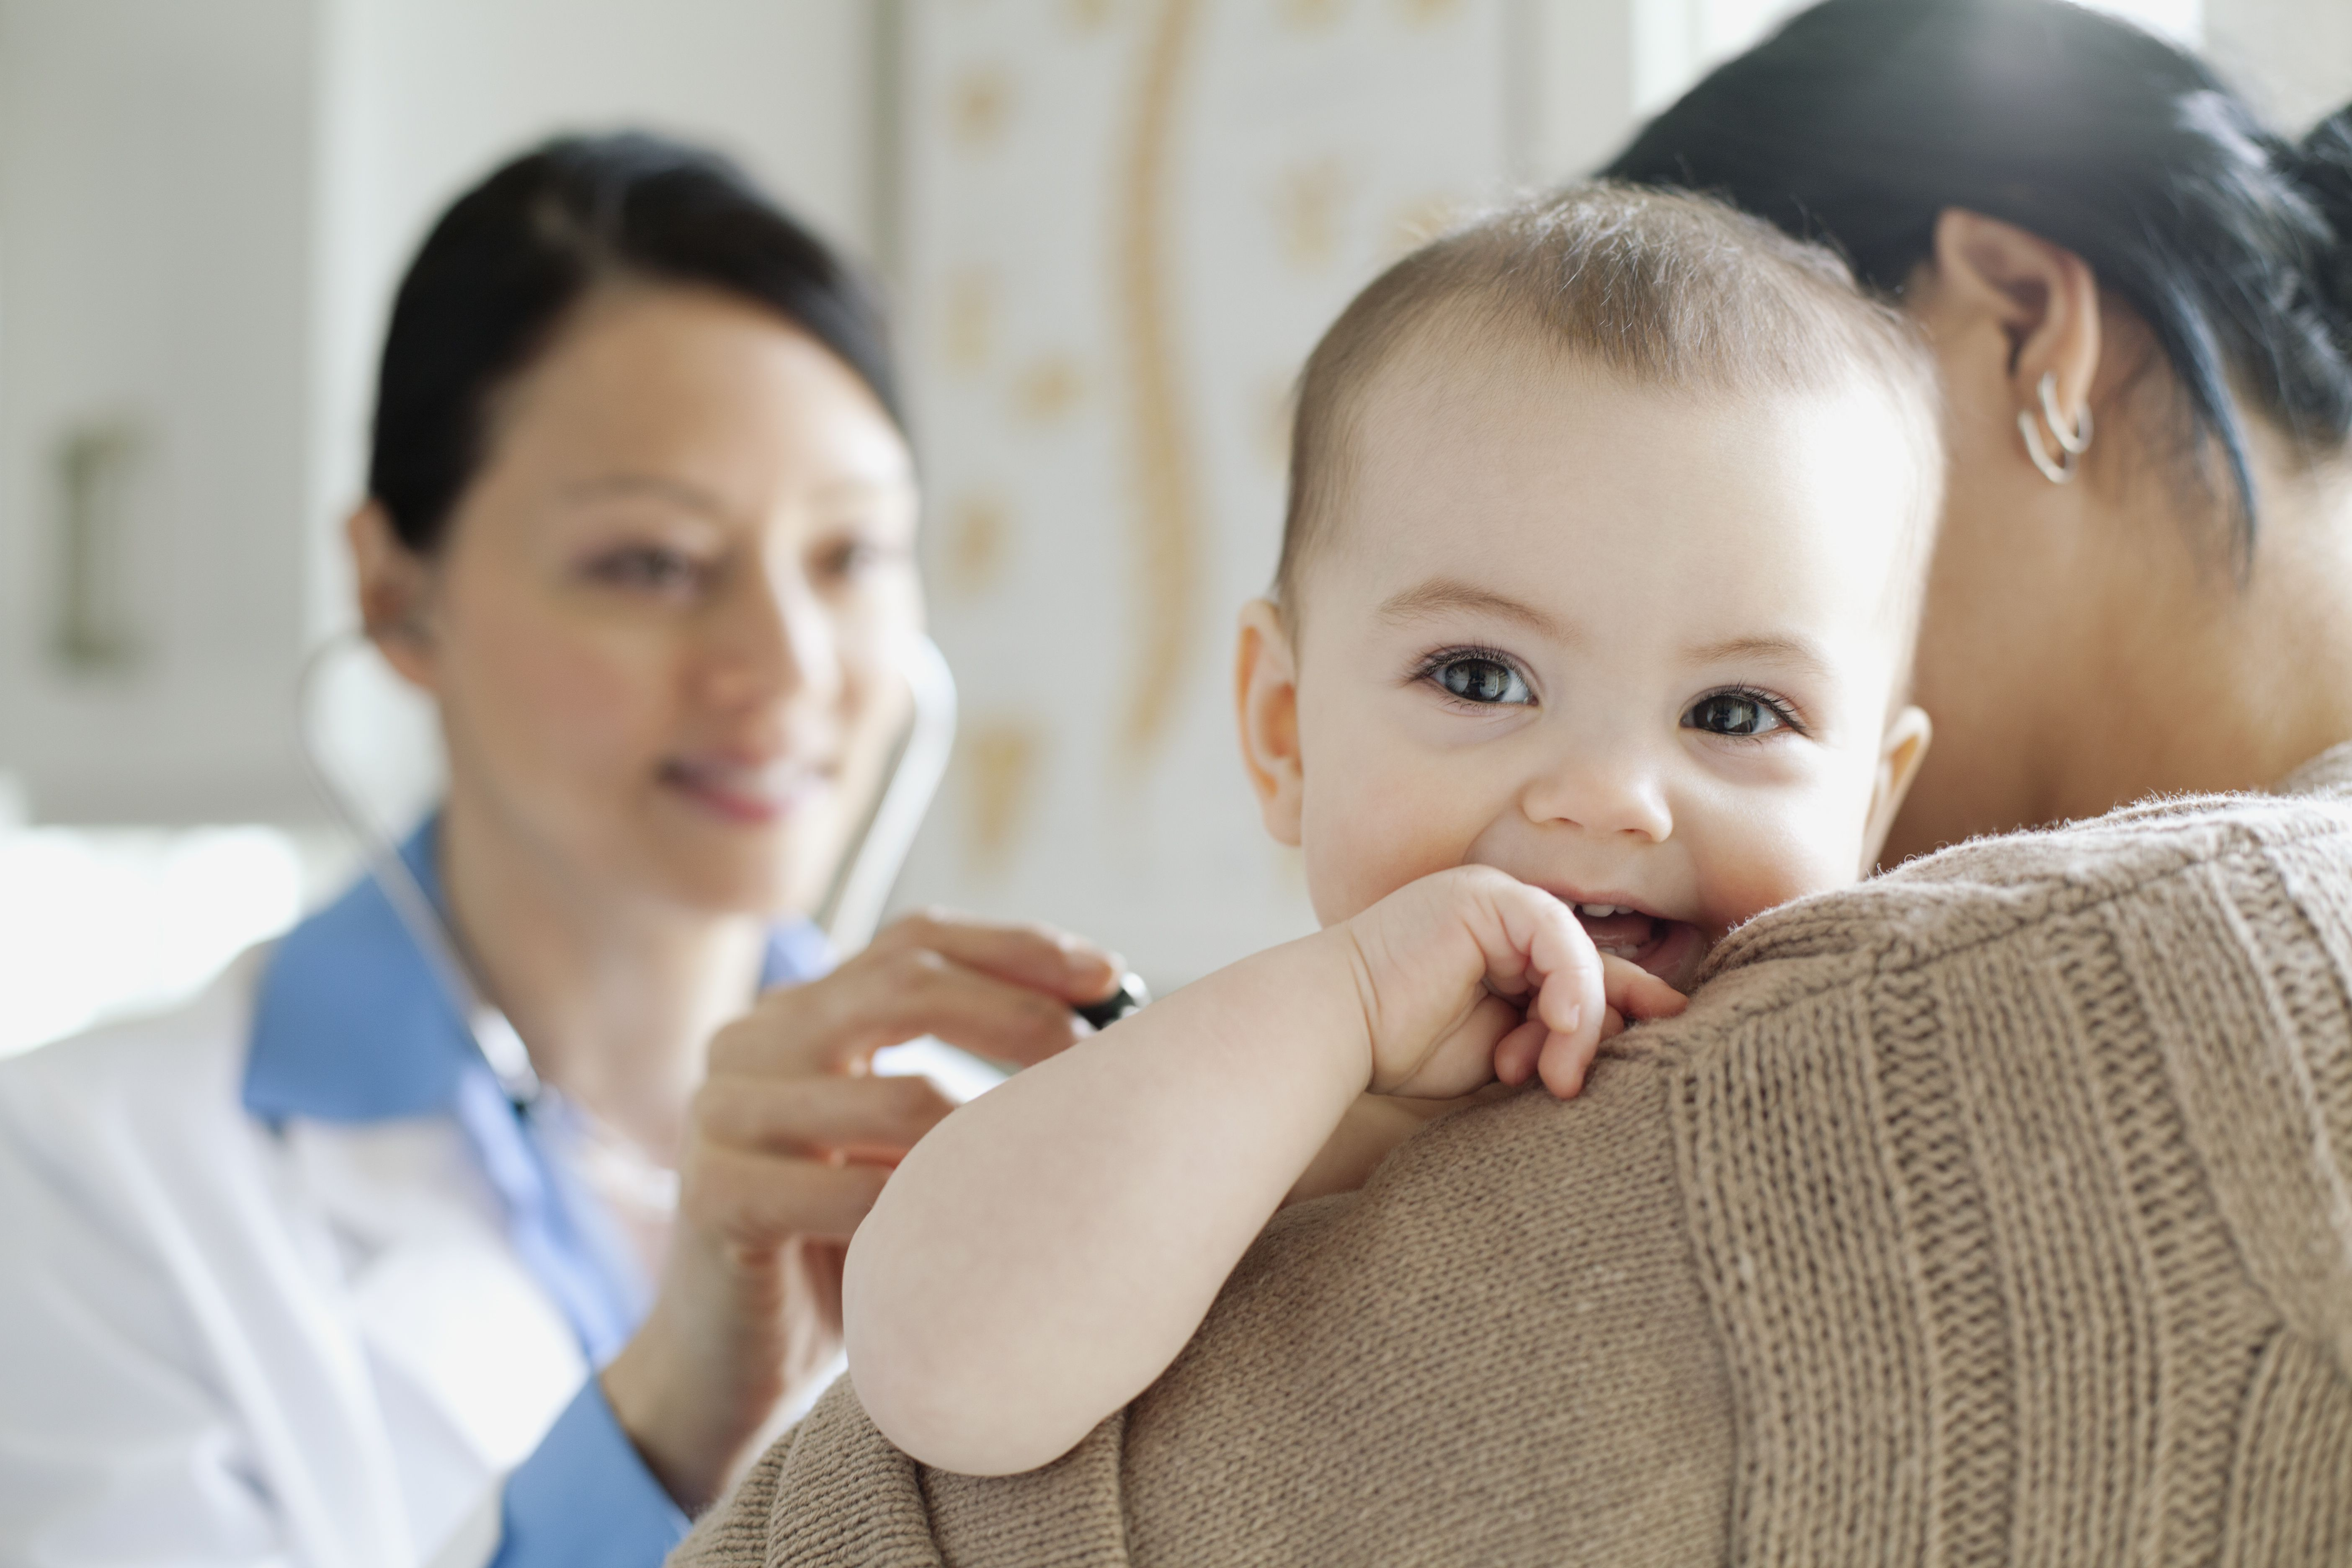 doctor examining baby